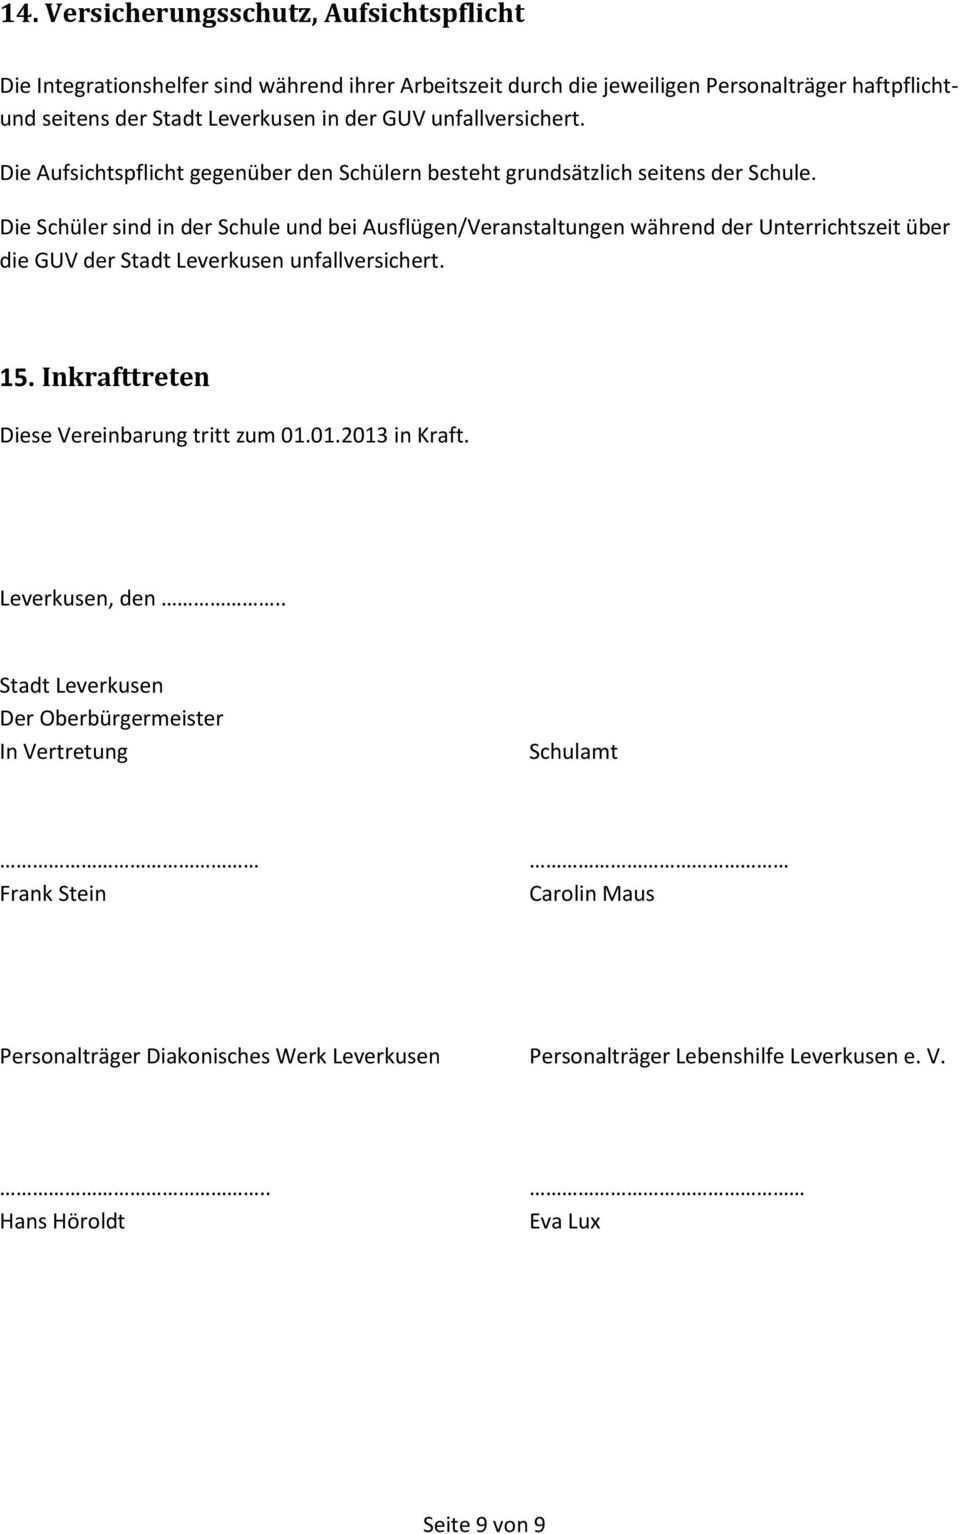 Schulamt Konzeption Zur Integrationshilfe Schul Begleitung Schul Assistenz Pdf Kostenfreier Download